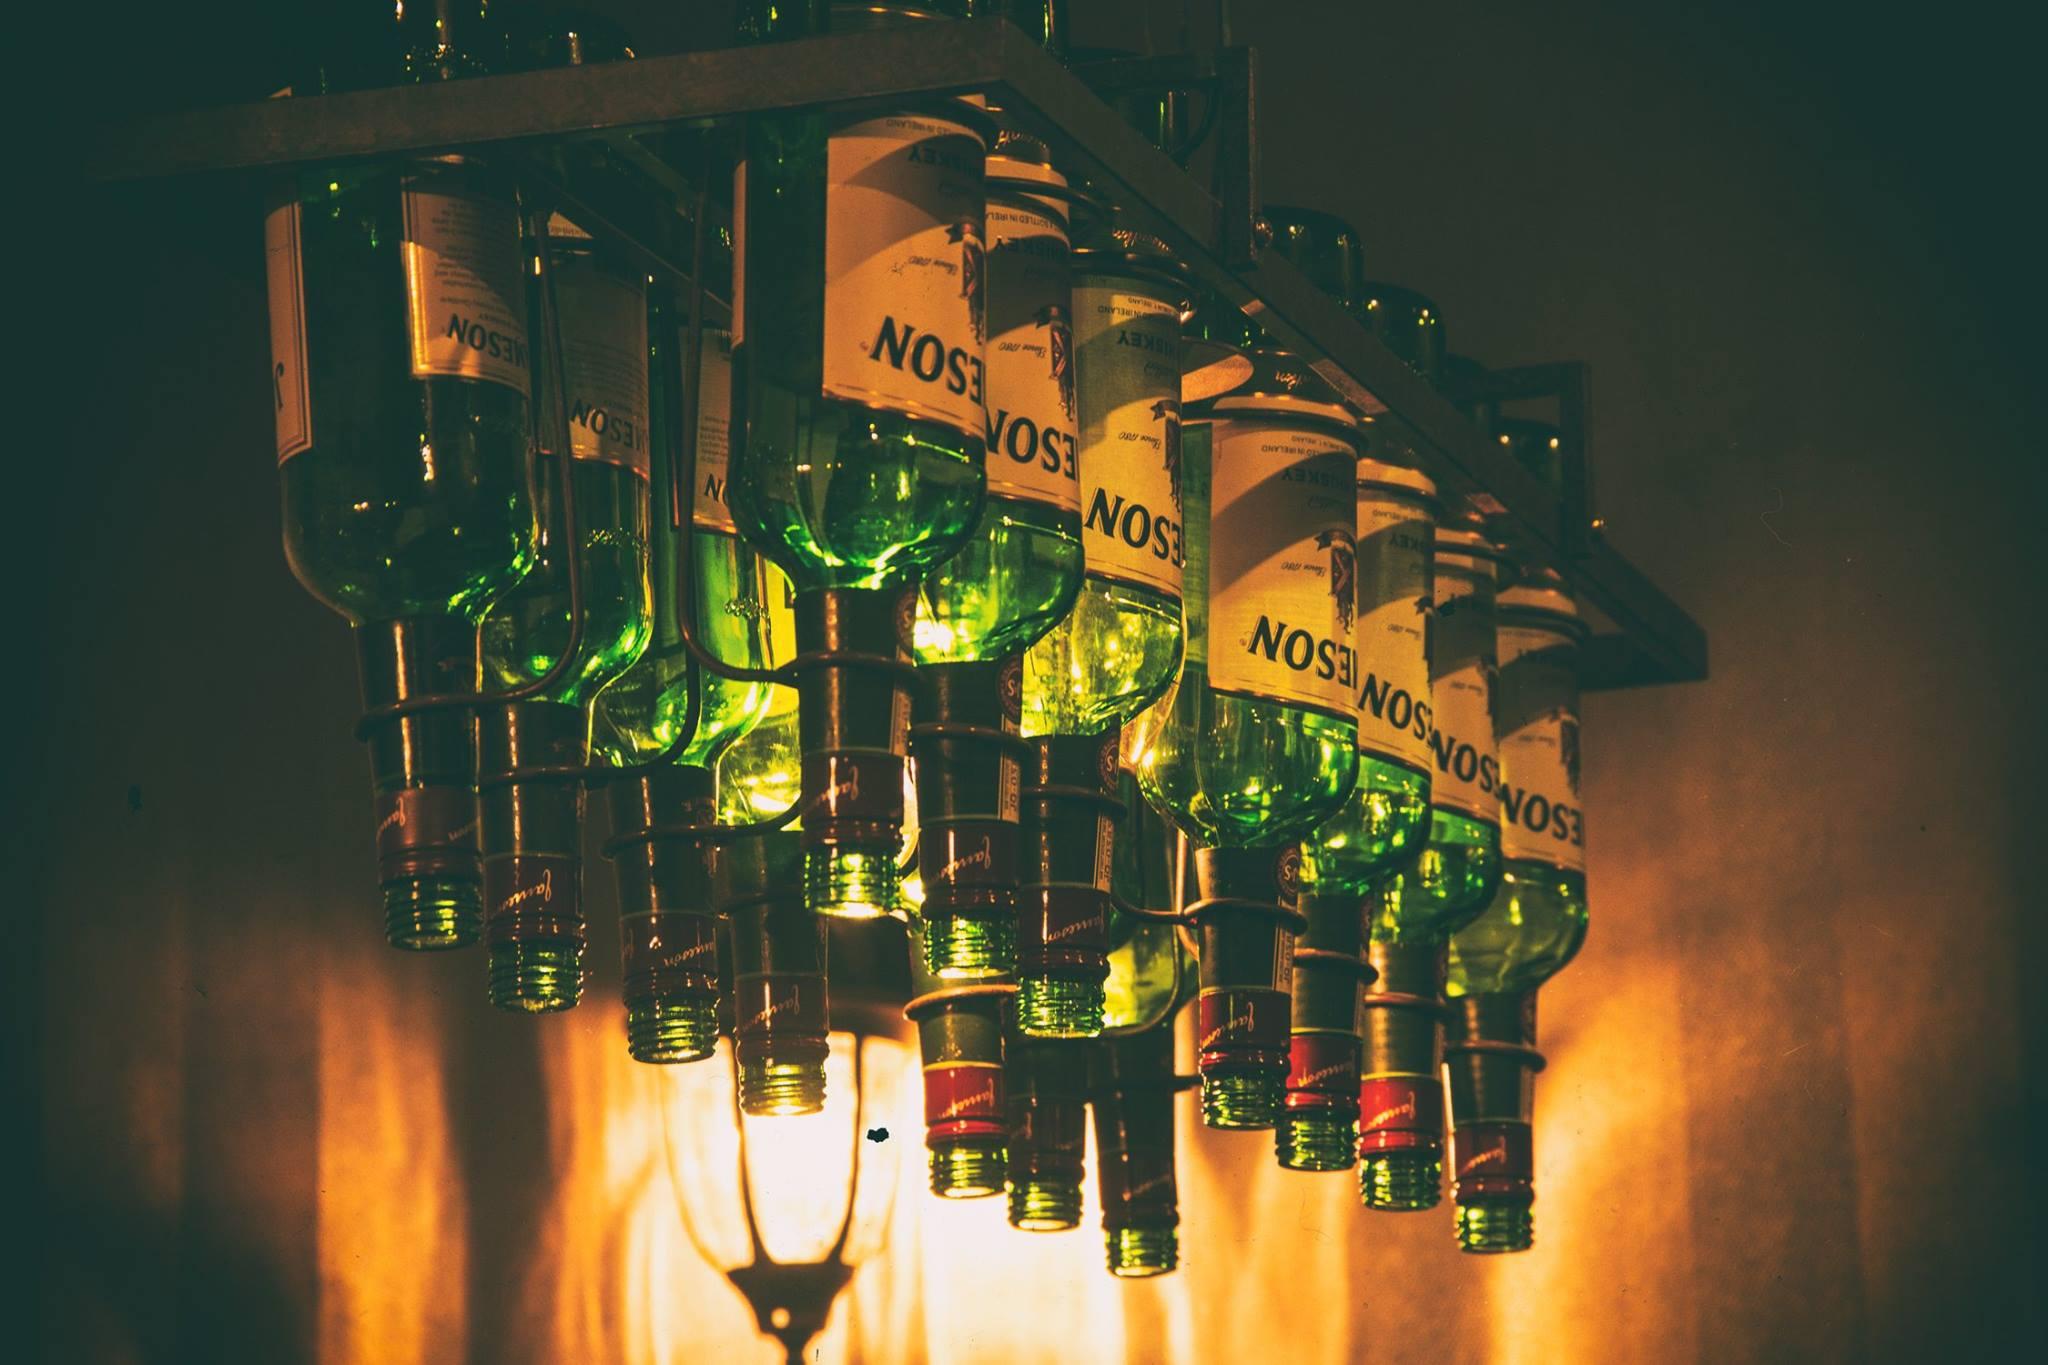 Einblick in die Bar The Old Jacob in Bonn